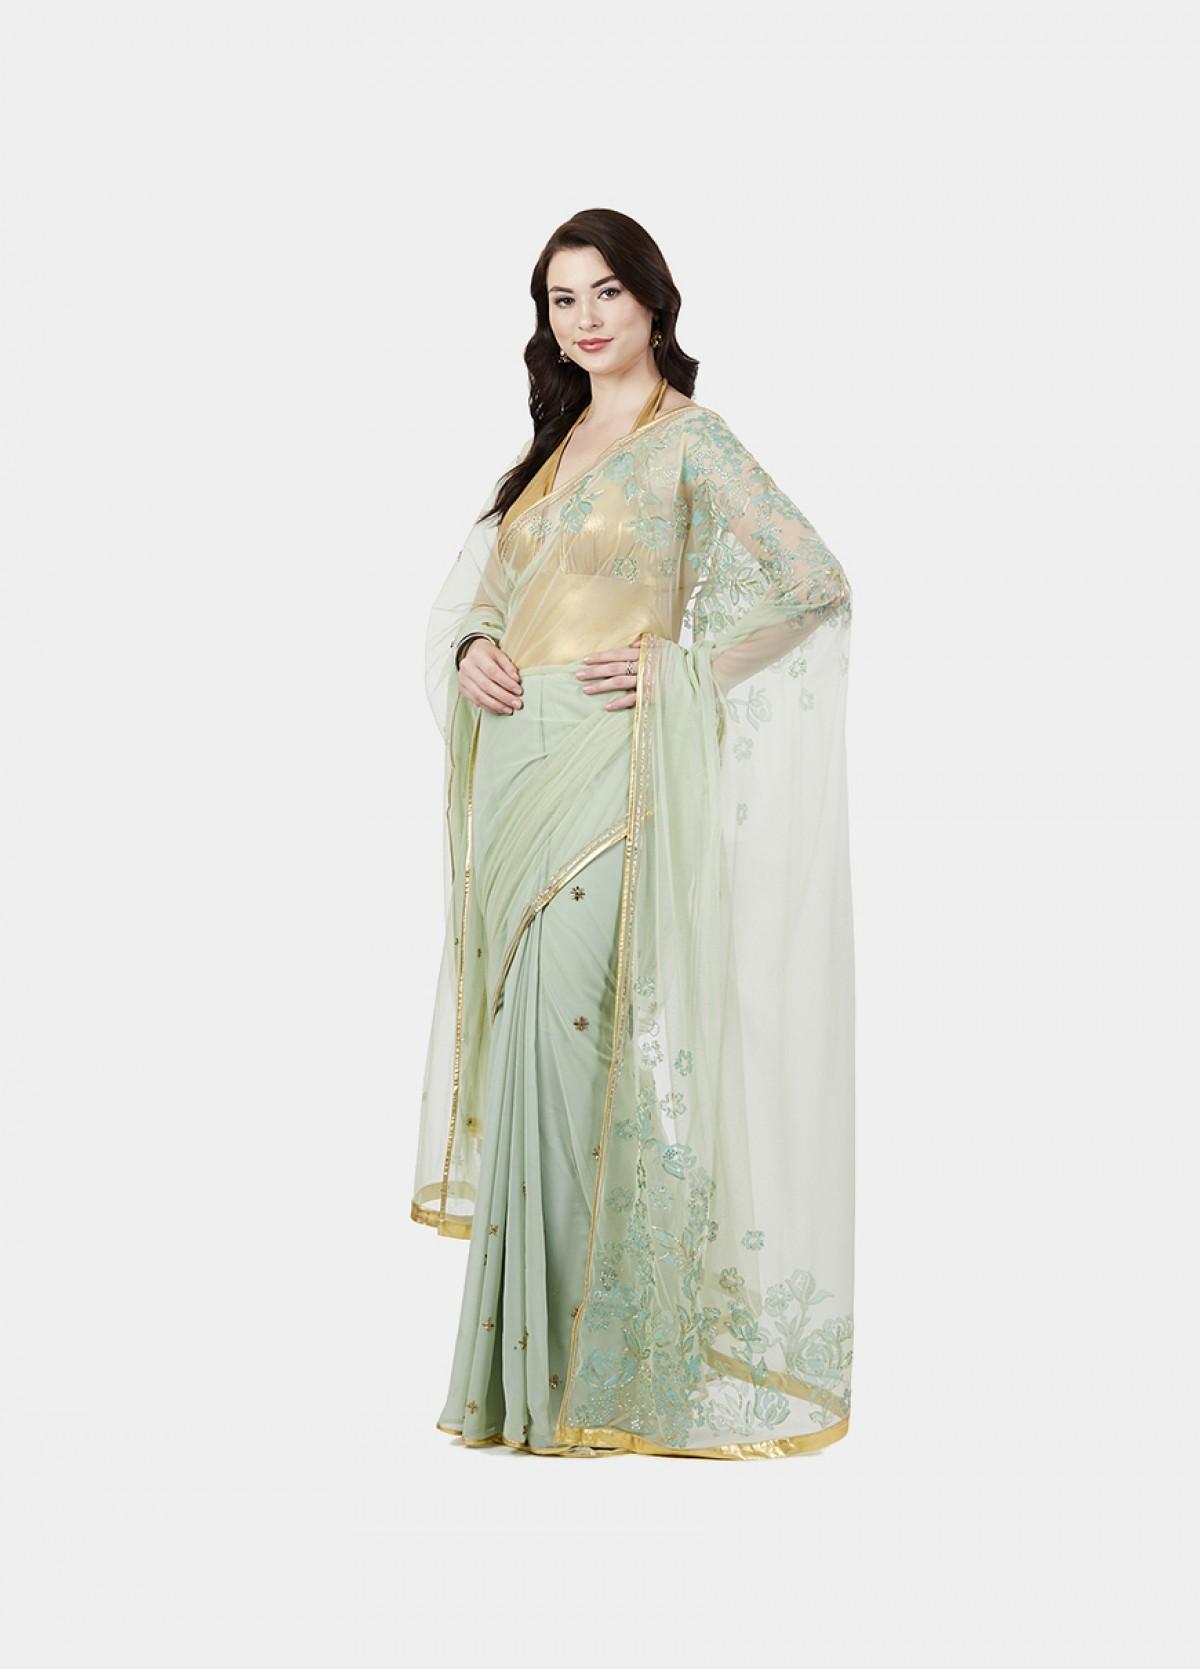 The Sublime Blossom Sari